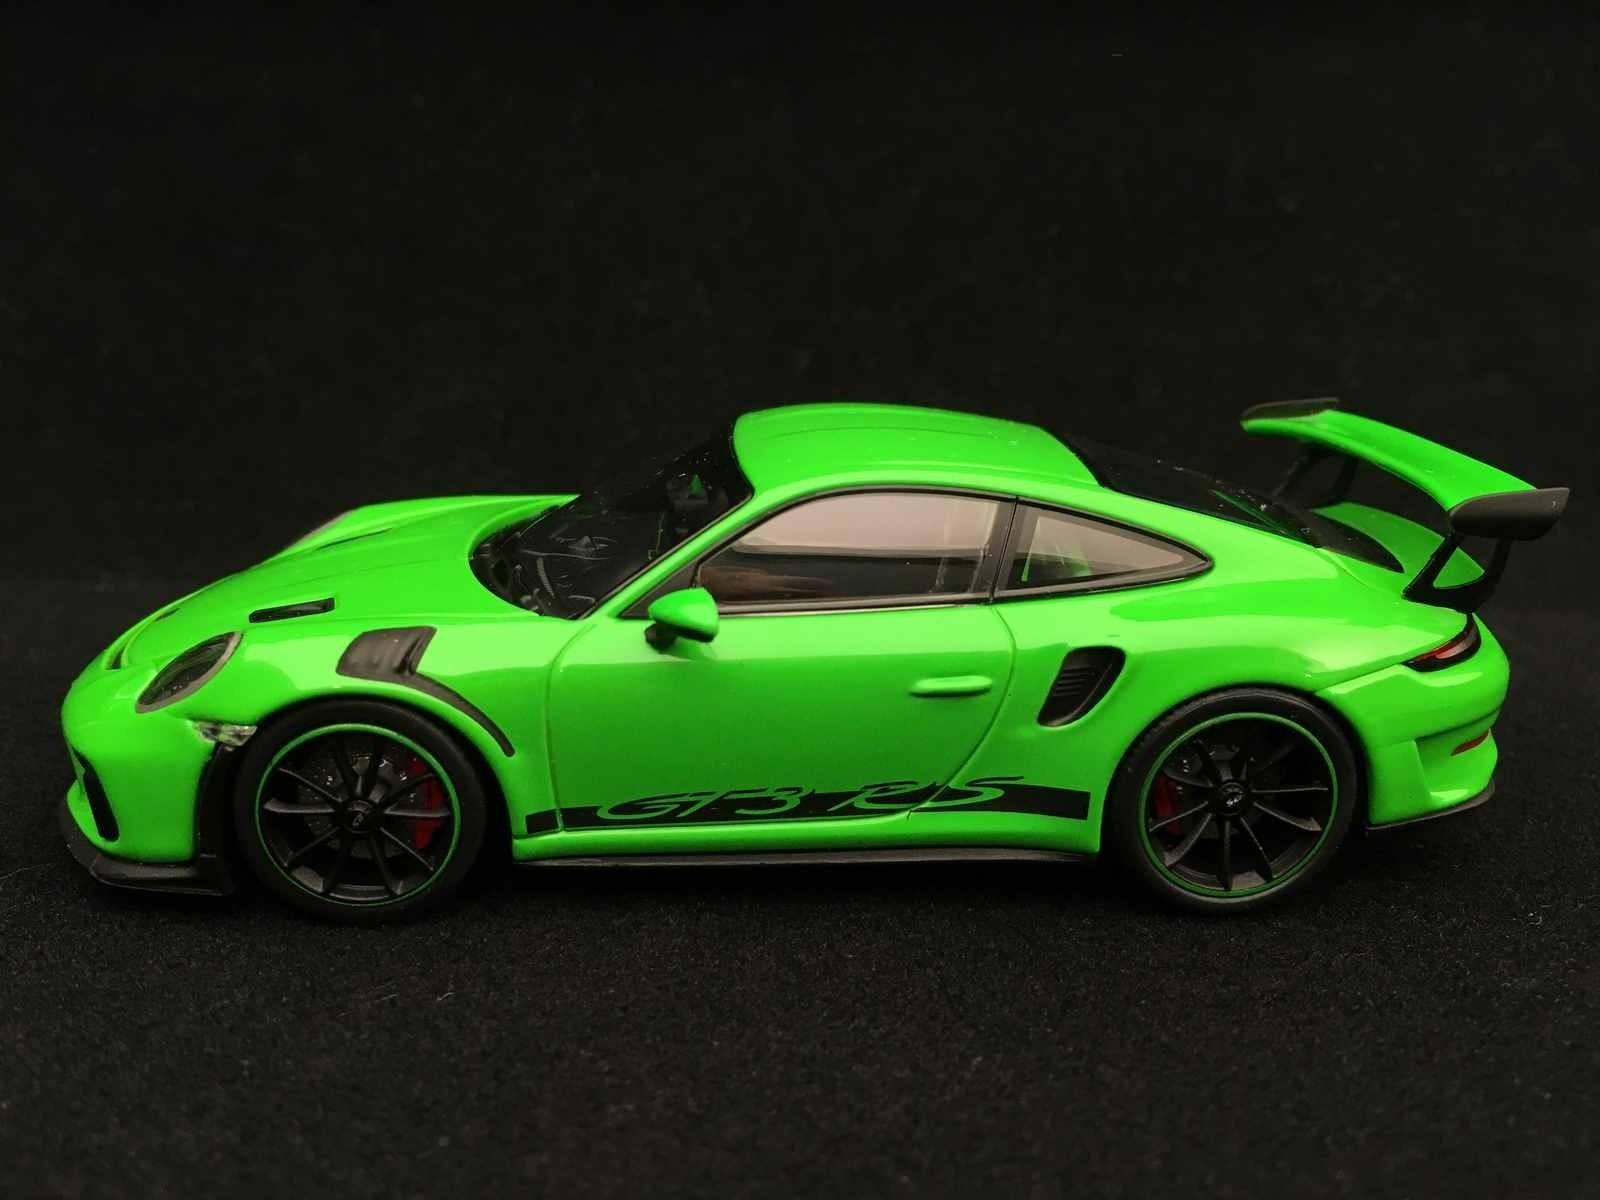 Porsche 911 Gt3 Rs Type 991 Mk Ll 2018 Lizardgrün 1 43 Minichamps Wap0201590j Selection Rs